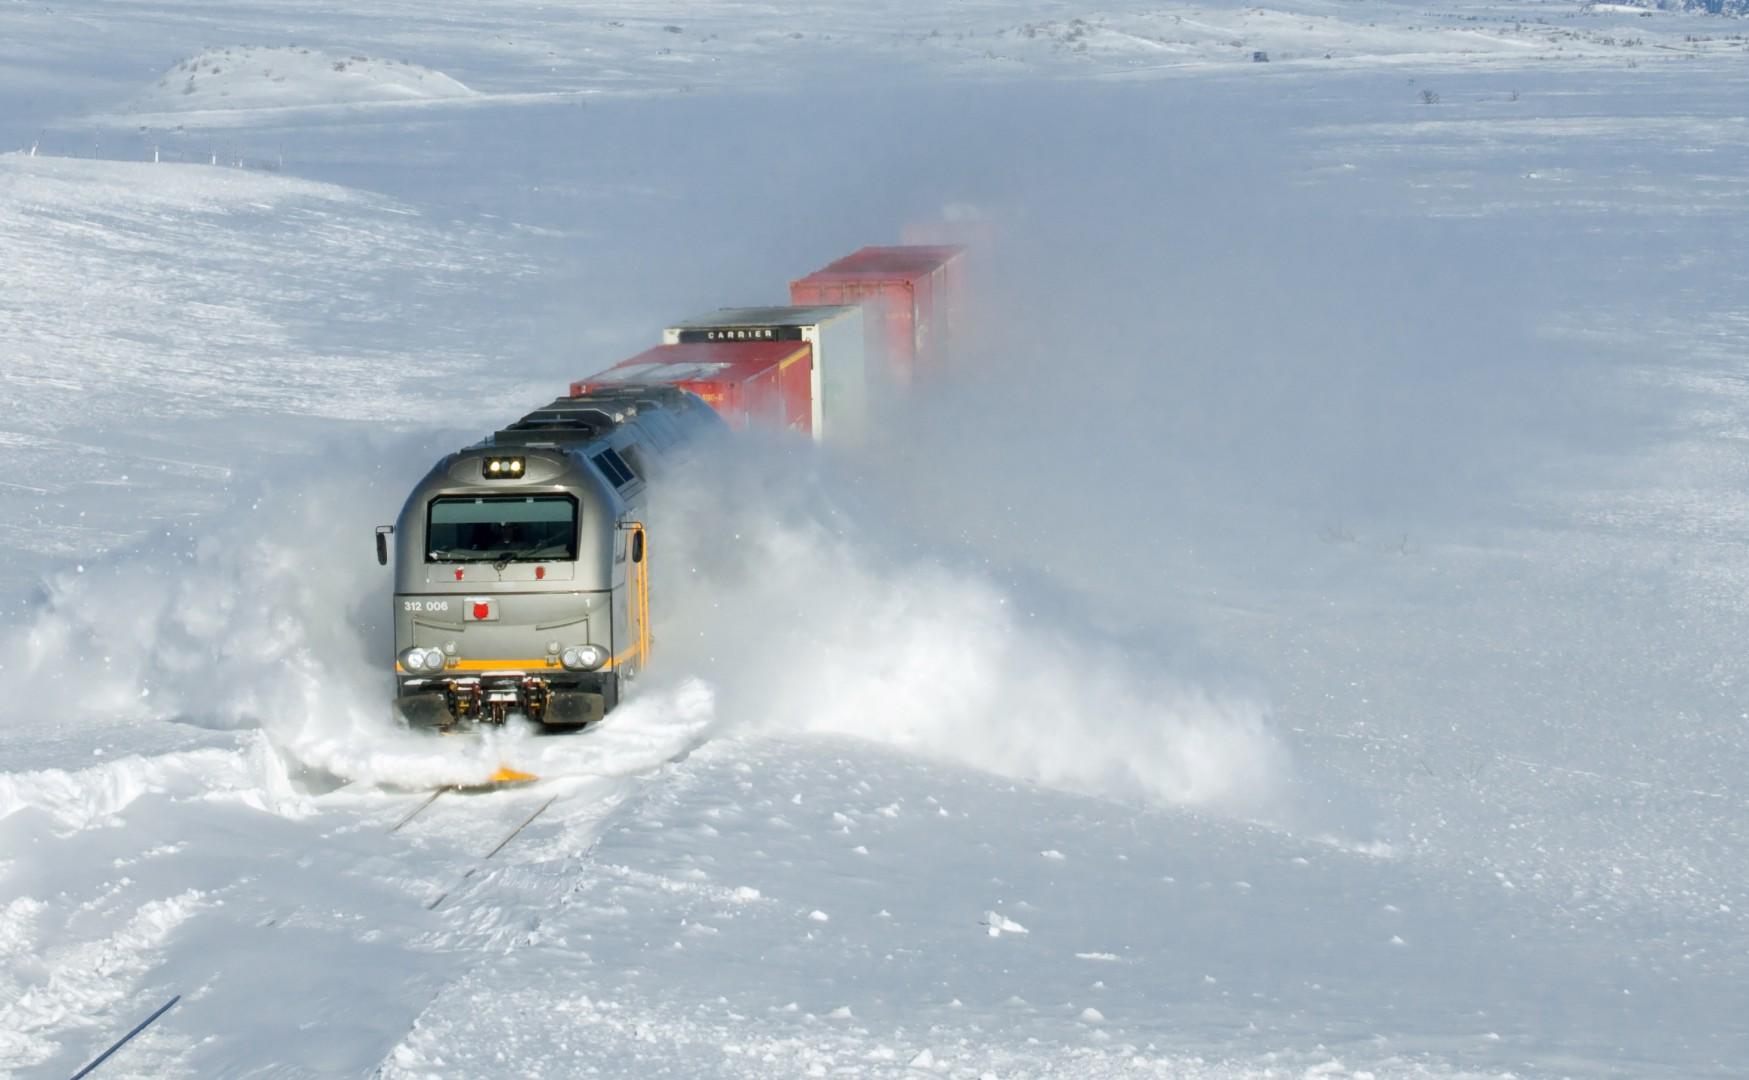 Una excesiva cantidad de nieve es un motivo para circular marcha a la vista. Foto: David Gubler.